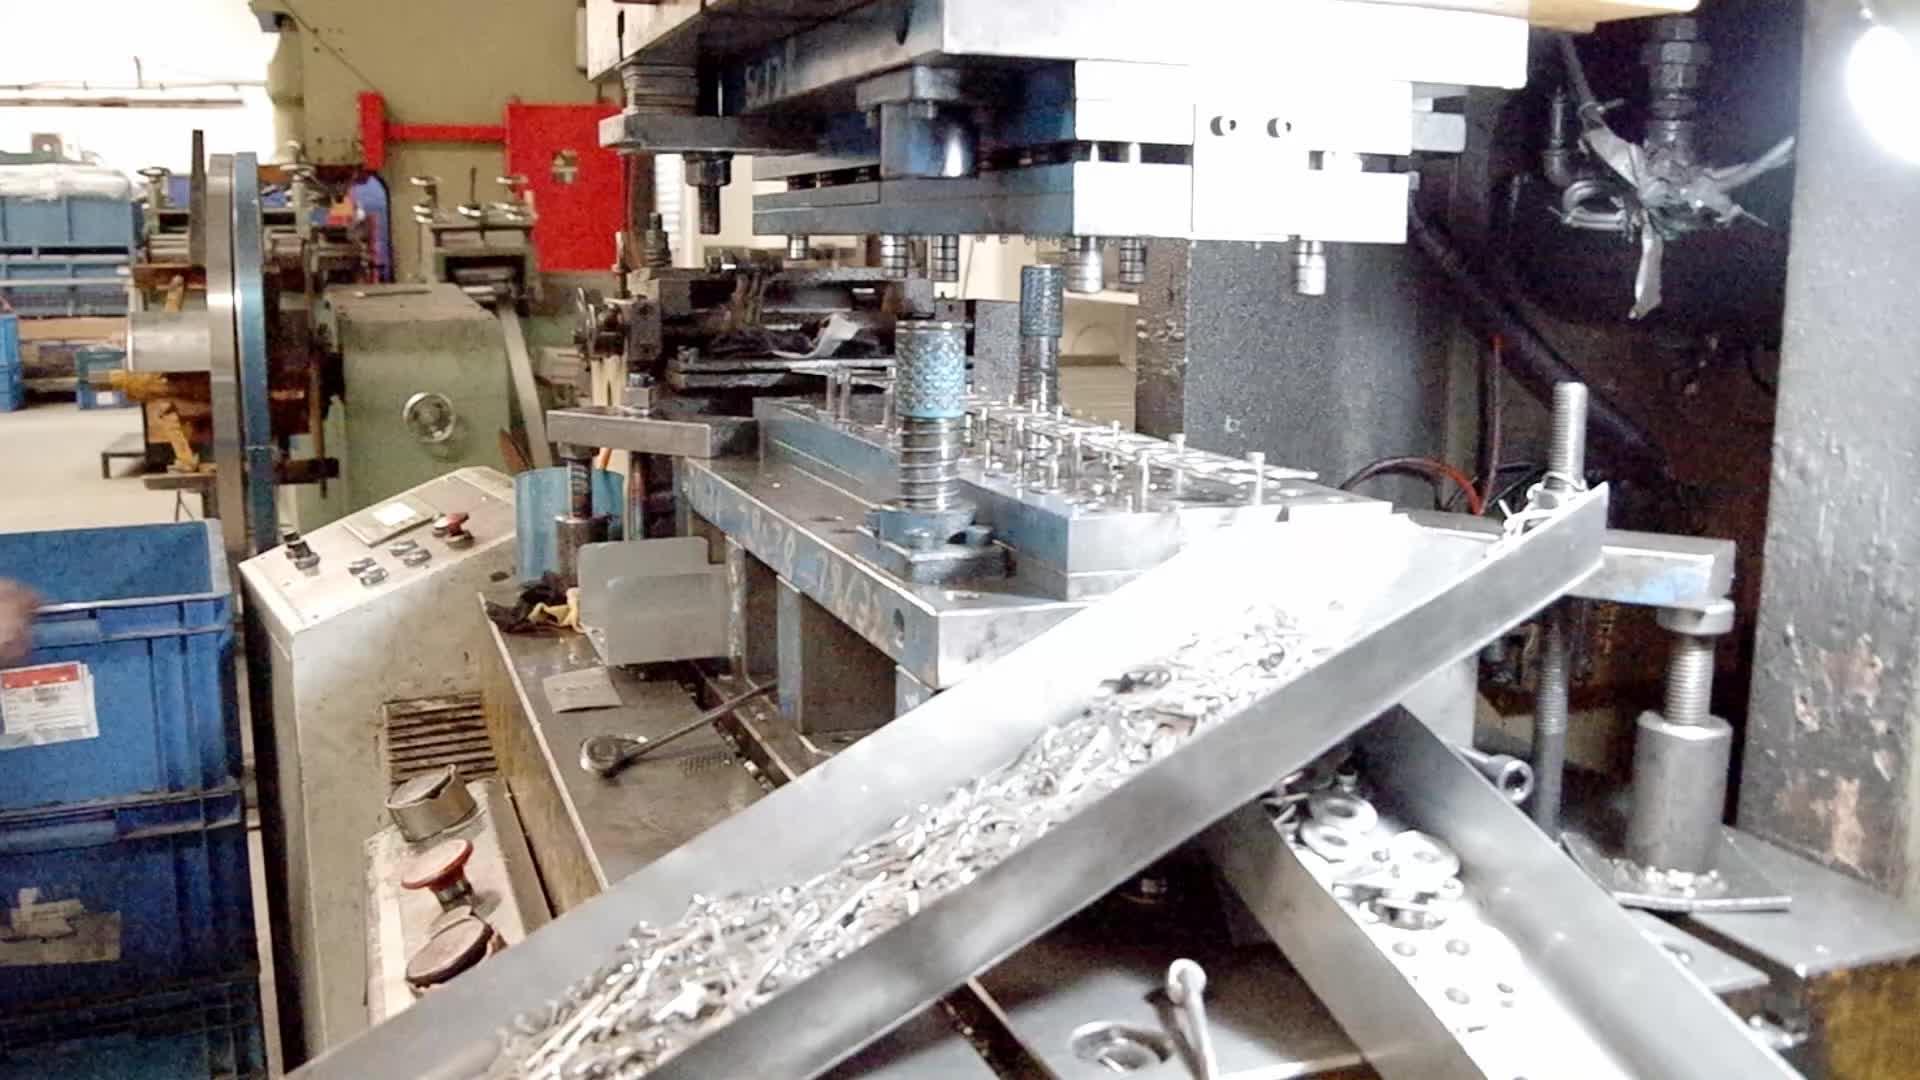 مخصص الصفائح المعدنية تصنيع الفولاذ المقاوم للصدأ و الليزر قطع الخدمة